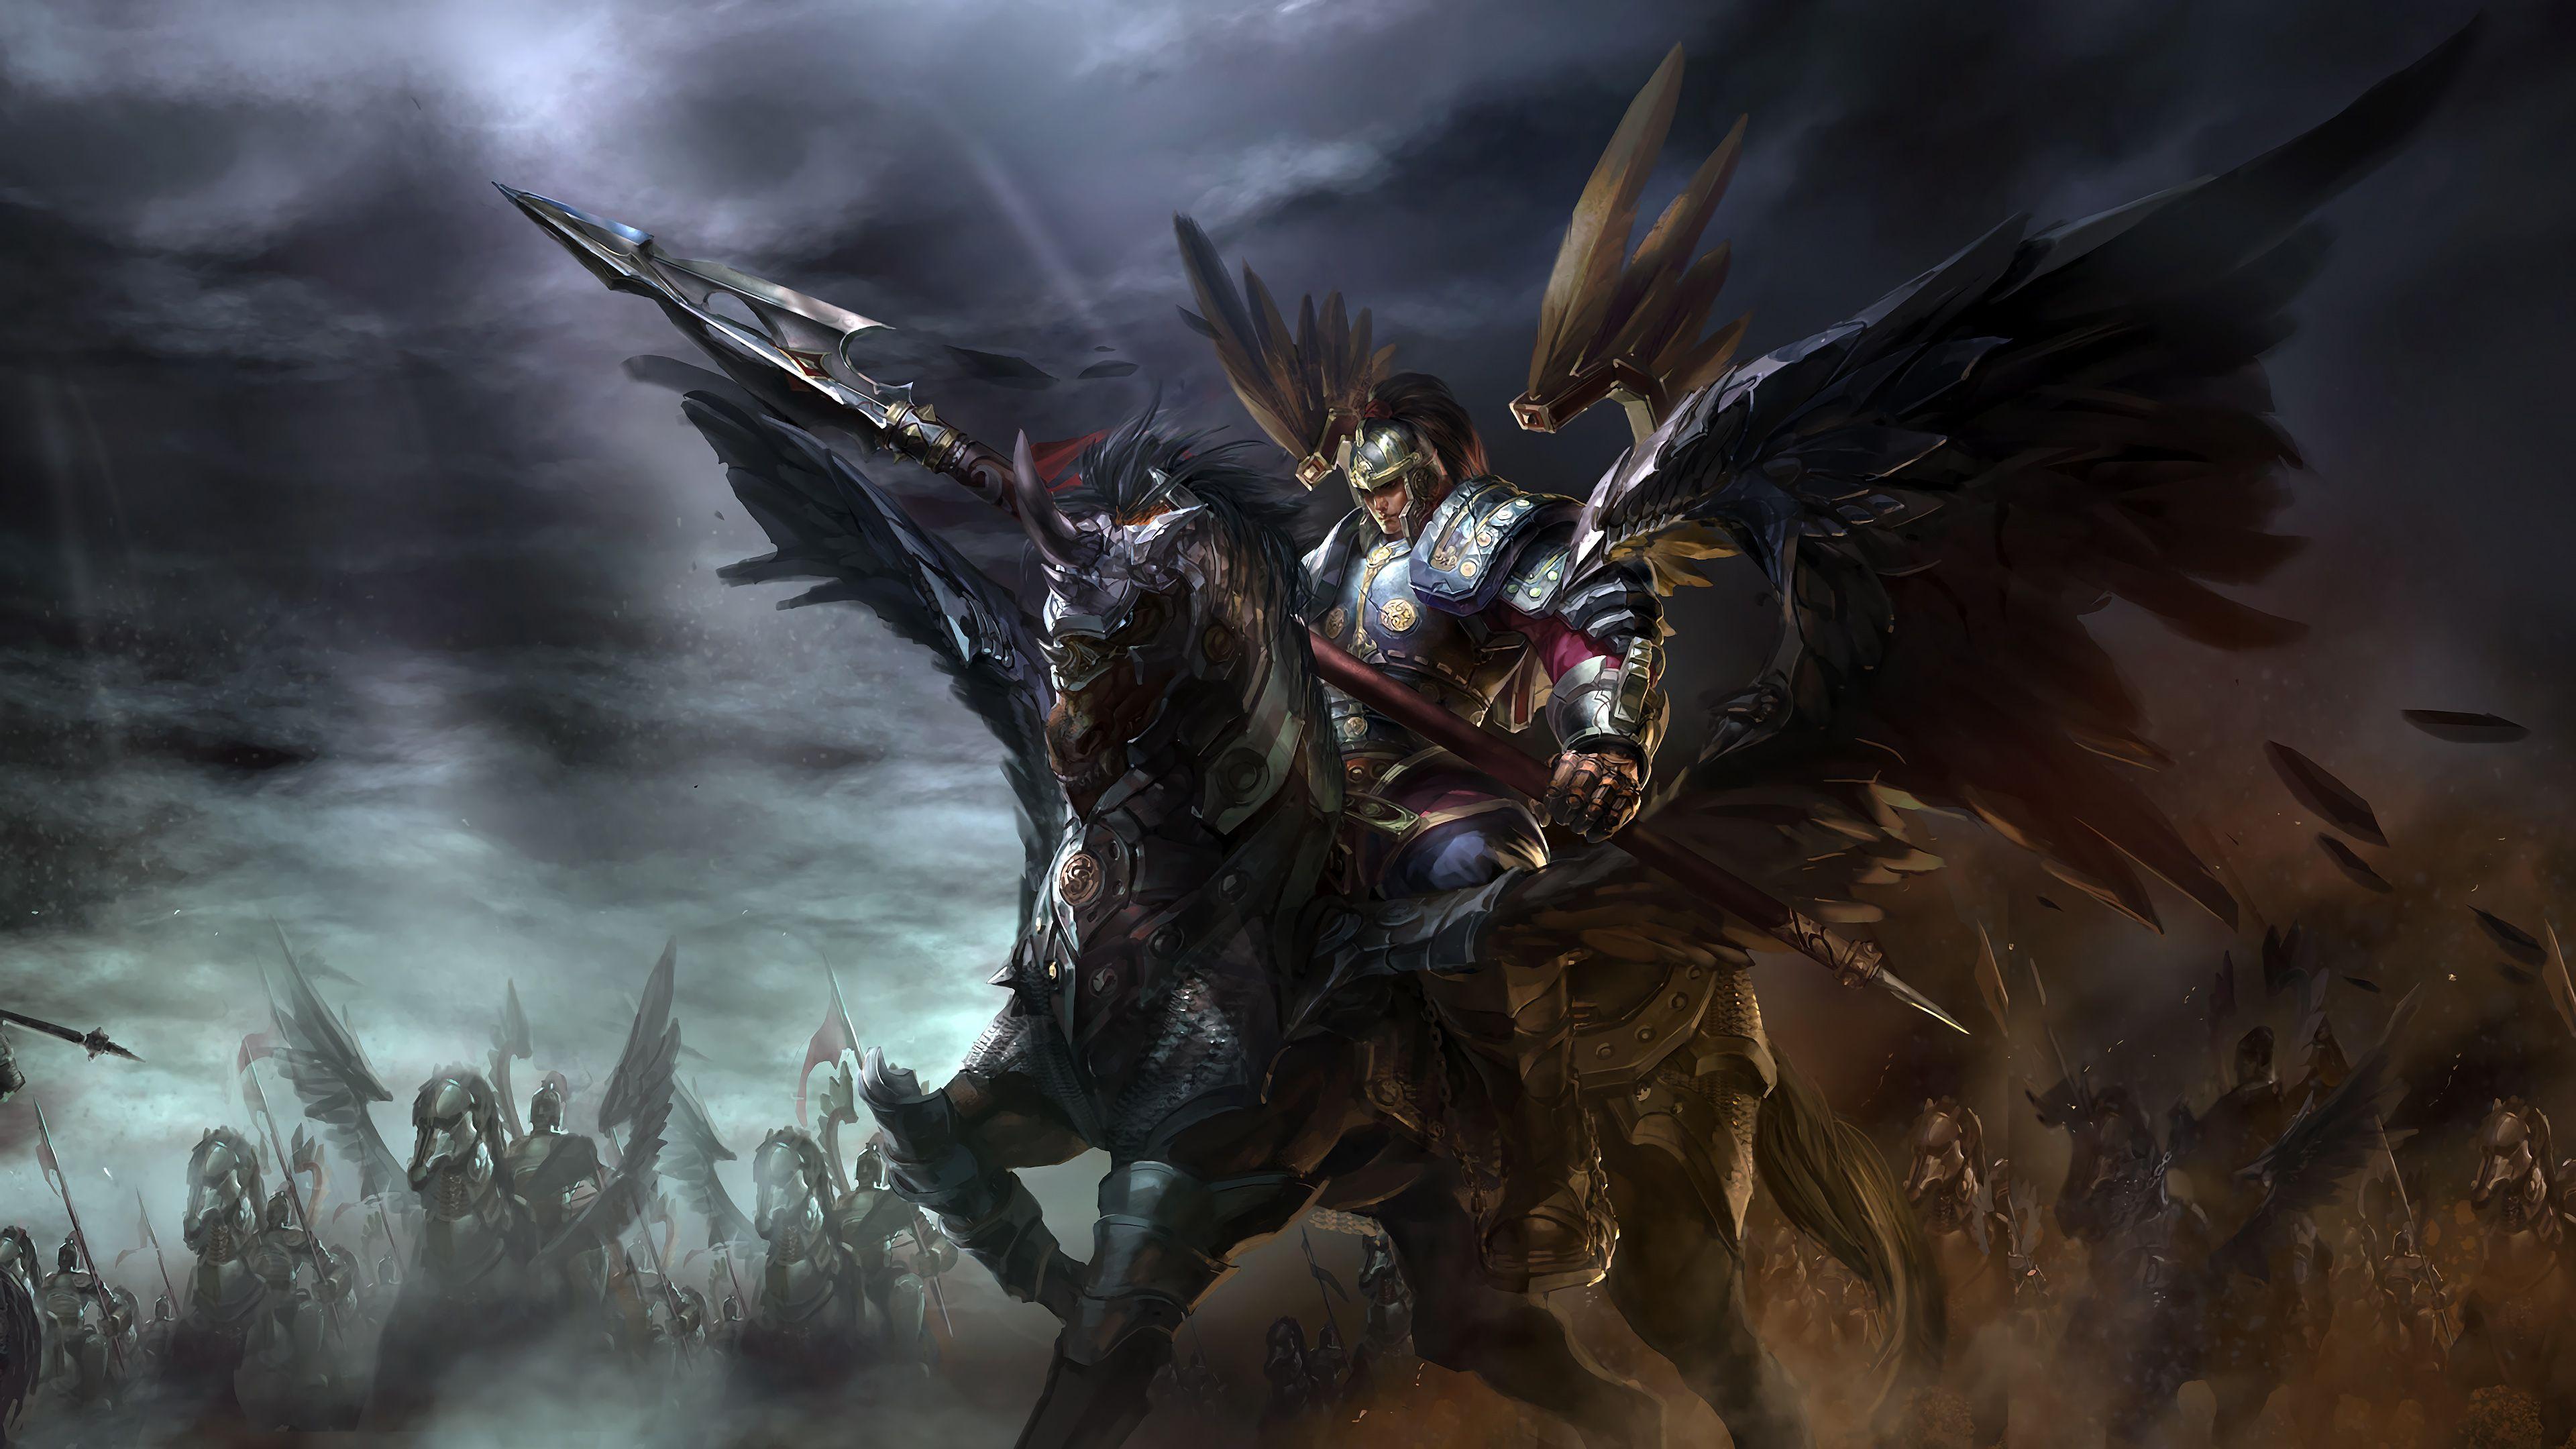 Top Wallpaper Horse Warrior - 7b494fd030c445913fd17a4815bcb76c  Image_108171.jpg